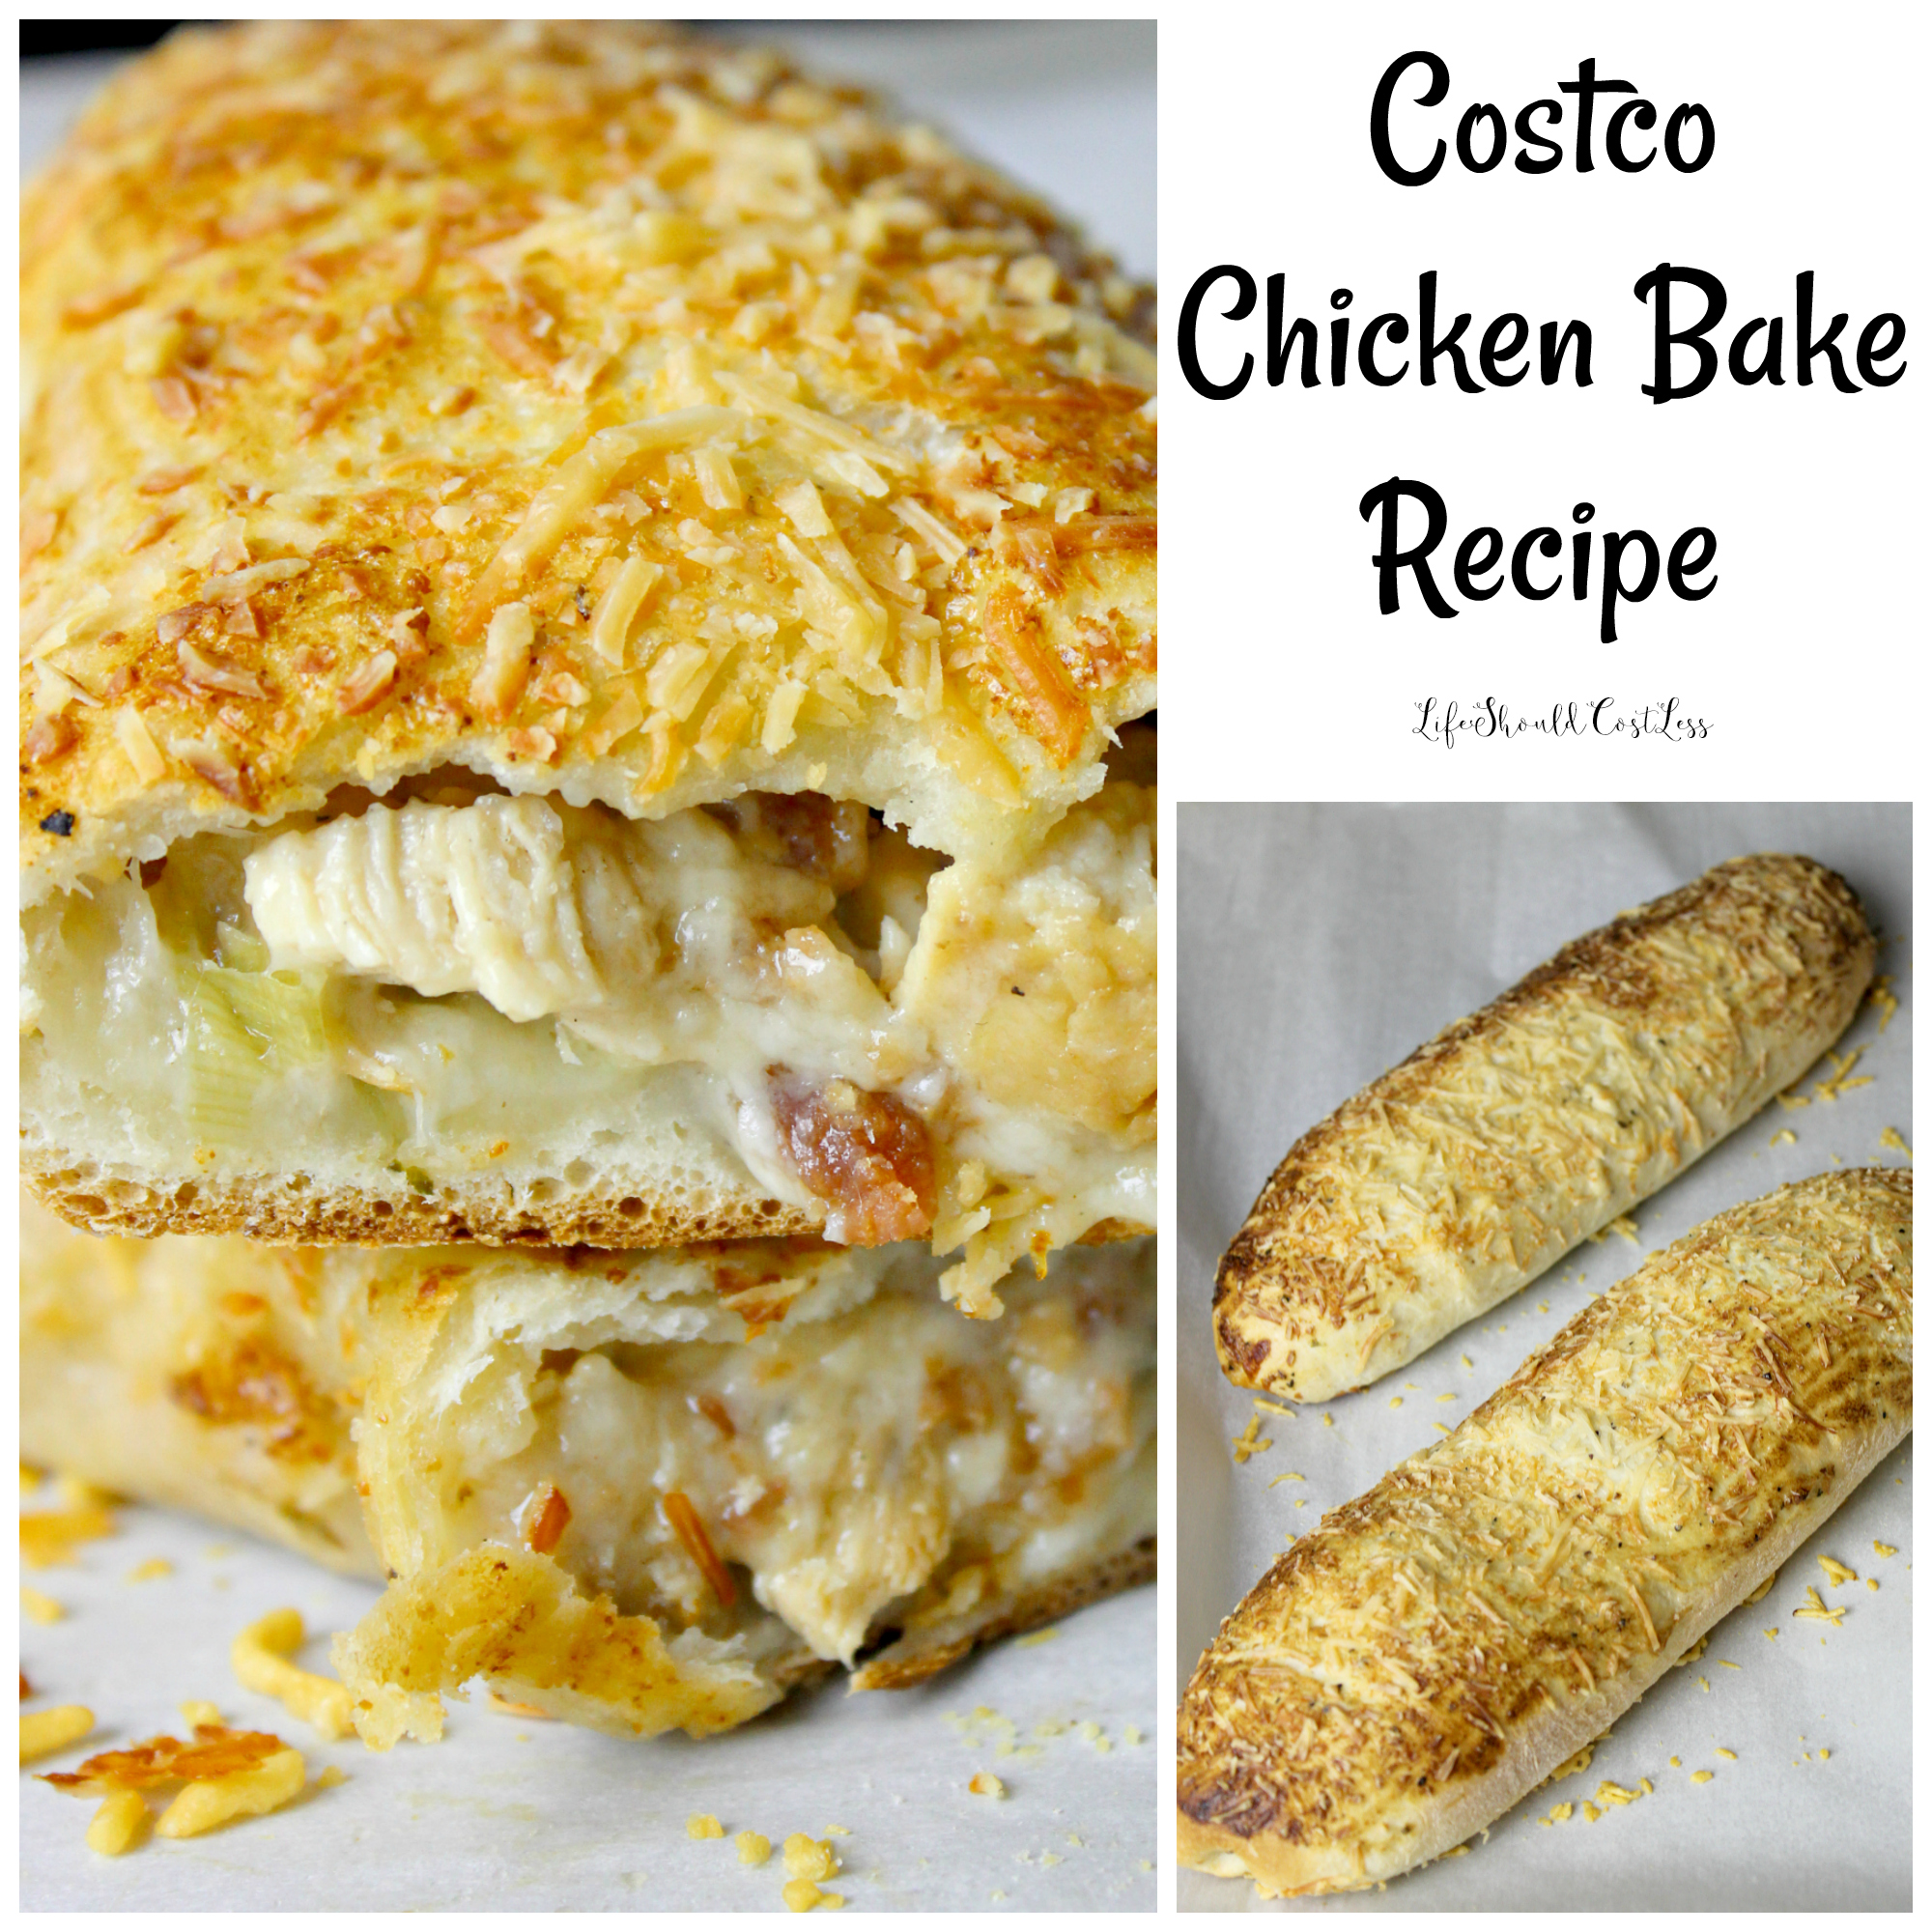 costco chicken recipes